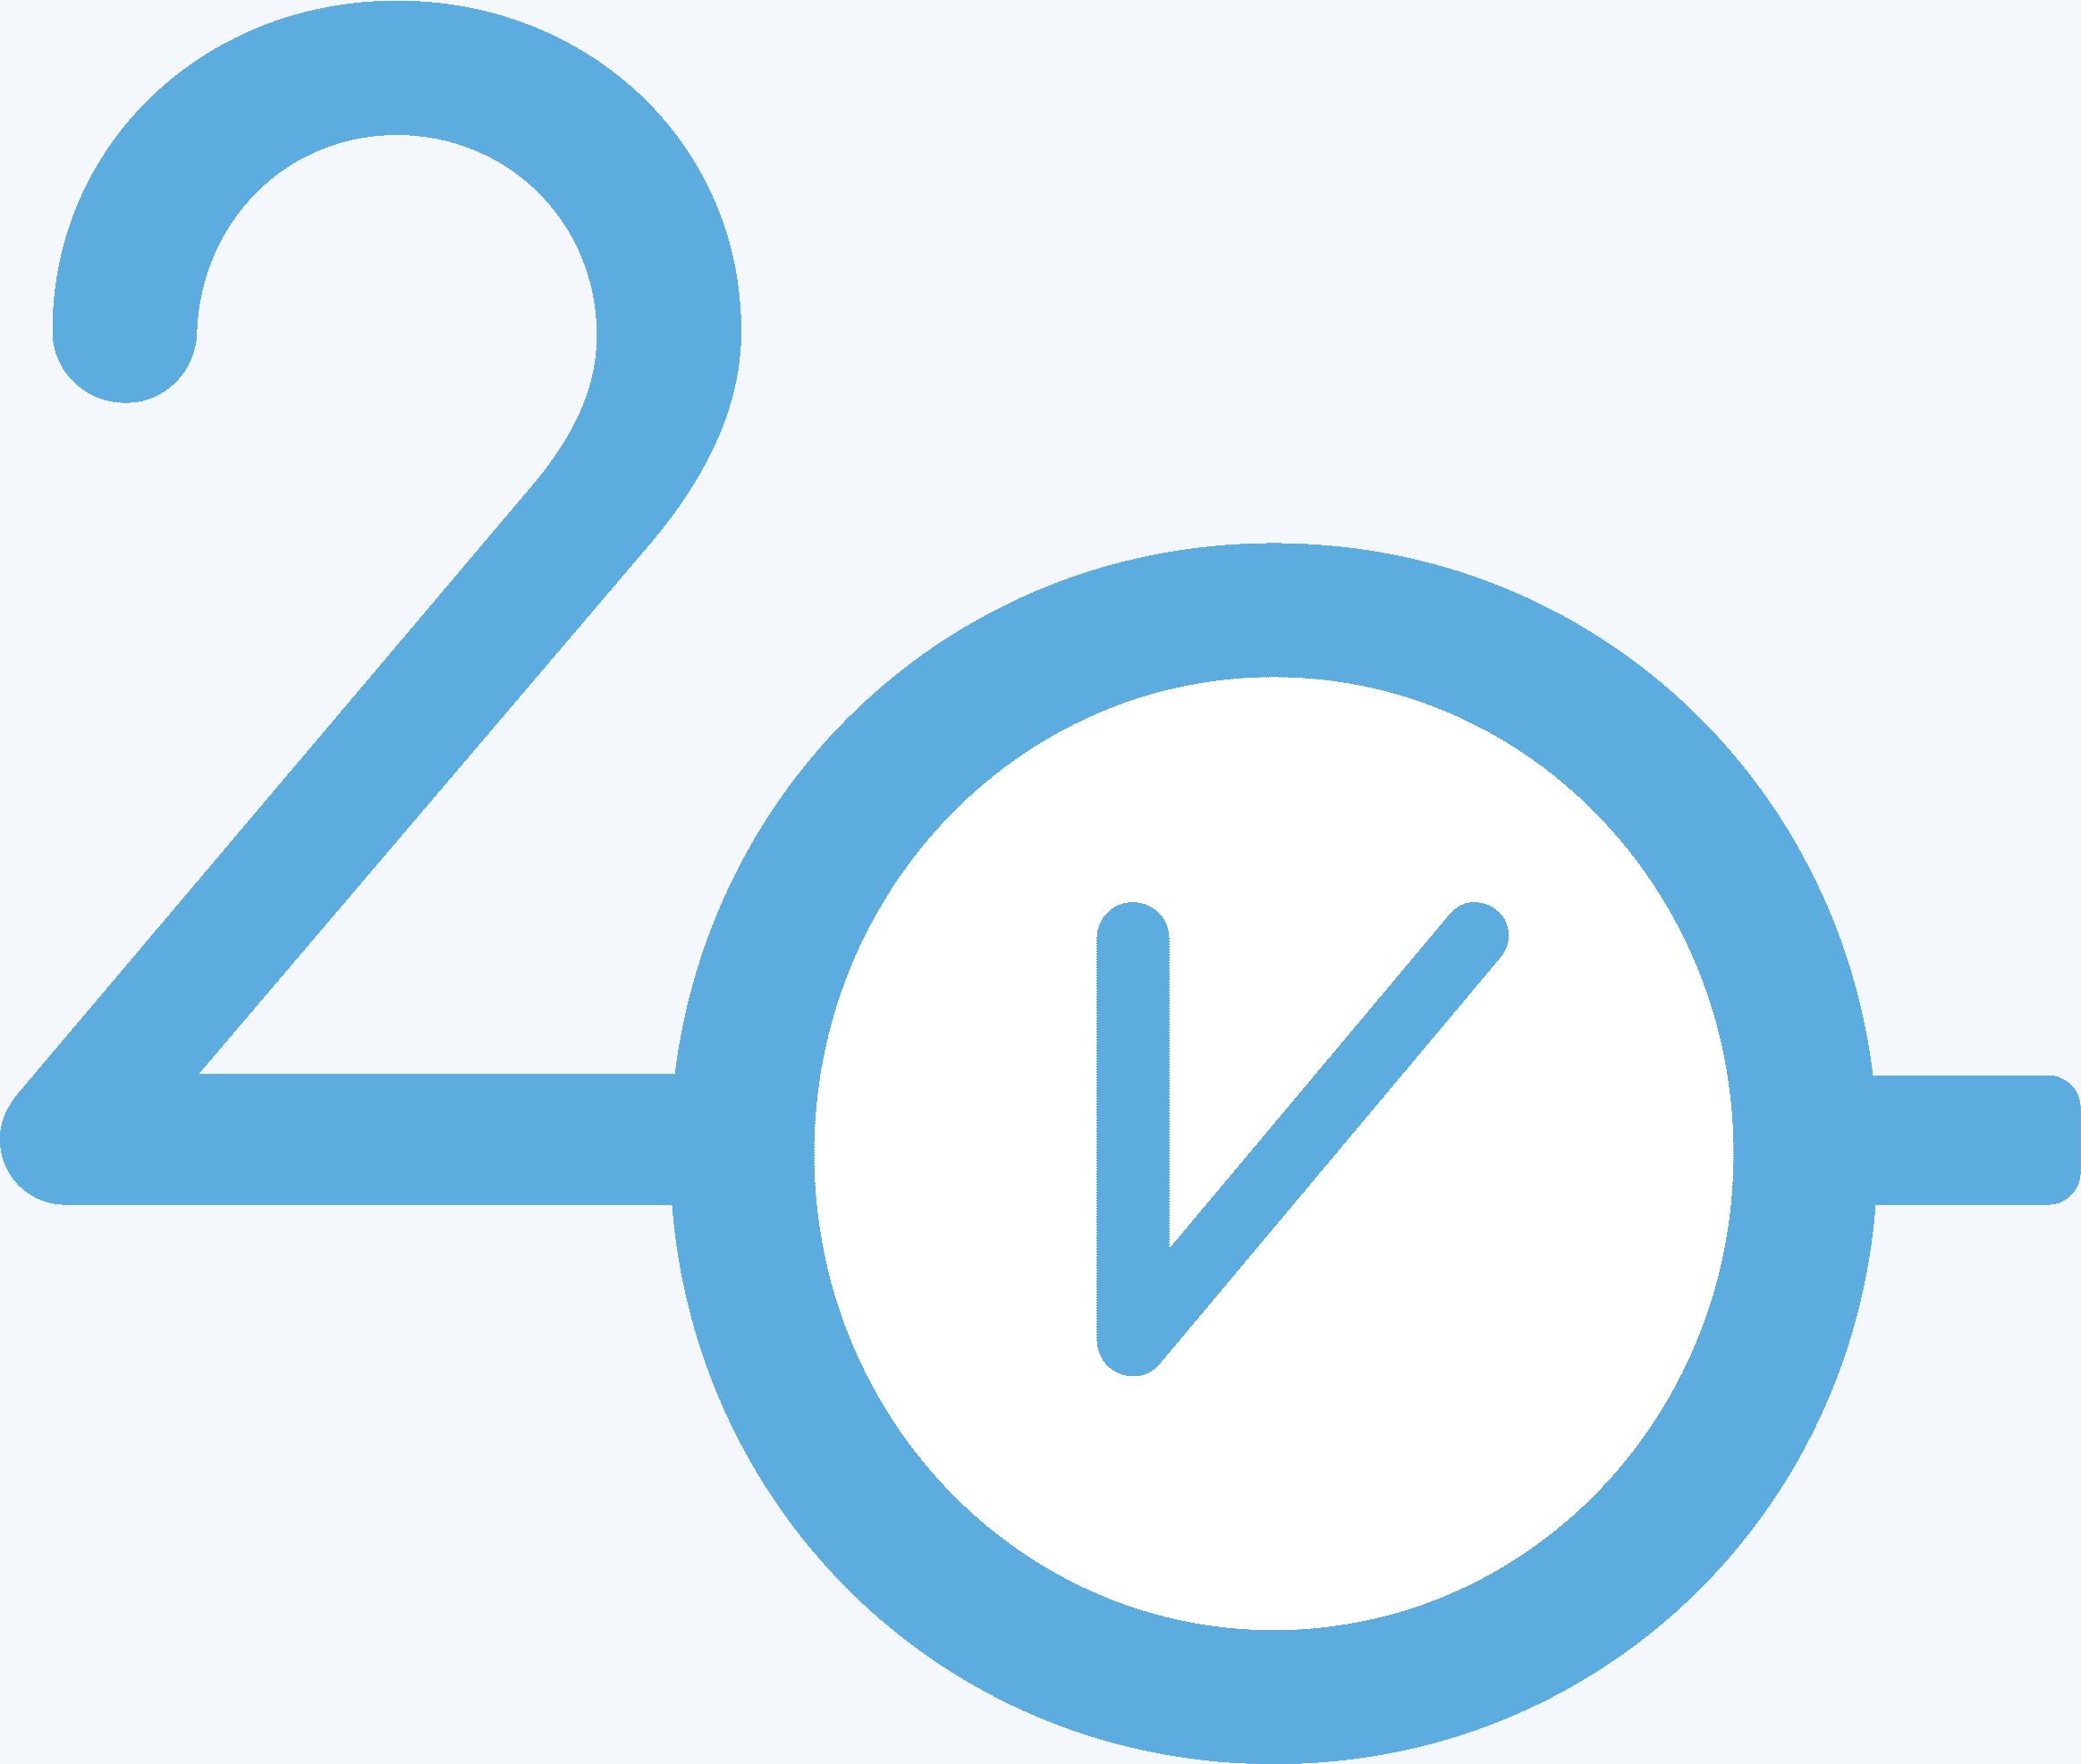 20v-Logo